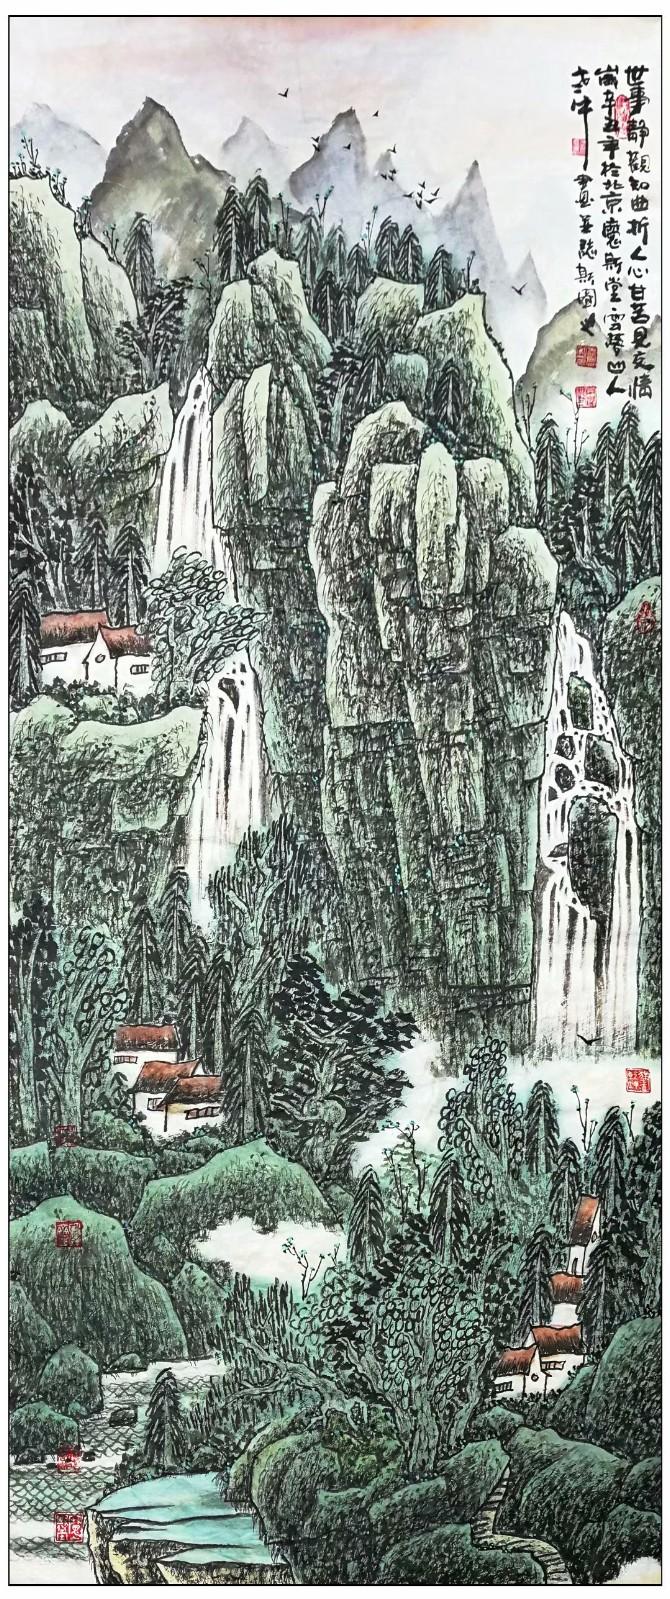 牛志高山水画2021.07.05_图1-1